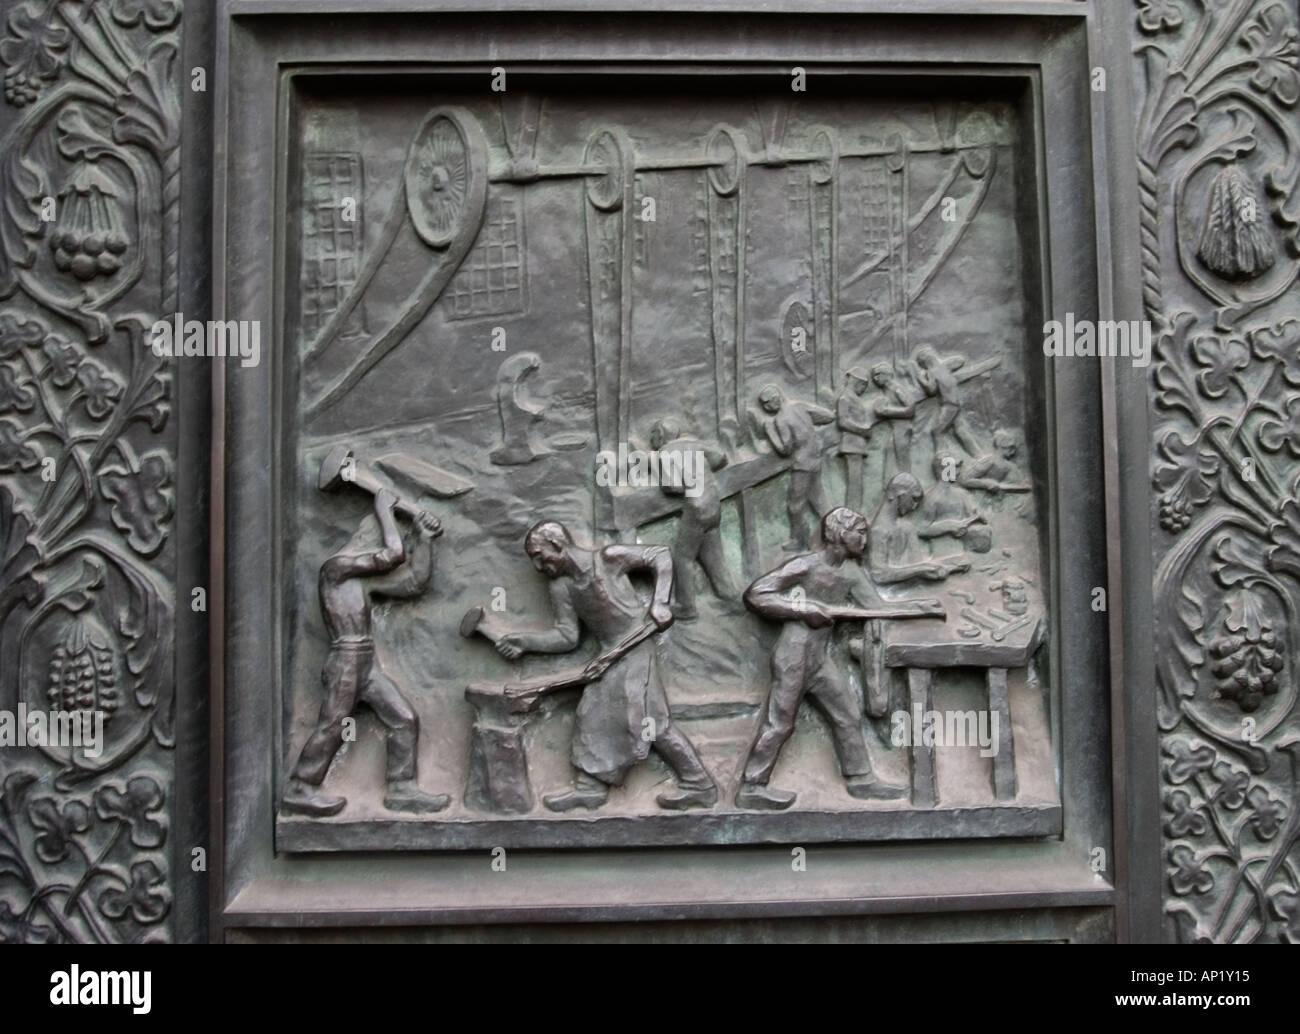 detail bas relief panel on door depicting factory workkers copenhagen stock photo alamy https www alamy com detail bas relief panel on door depicting factory workkers copenhagen image5109524 html